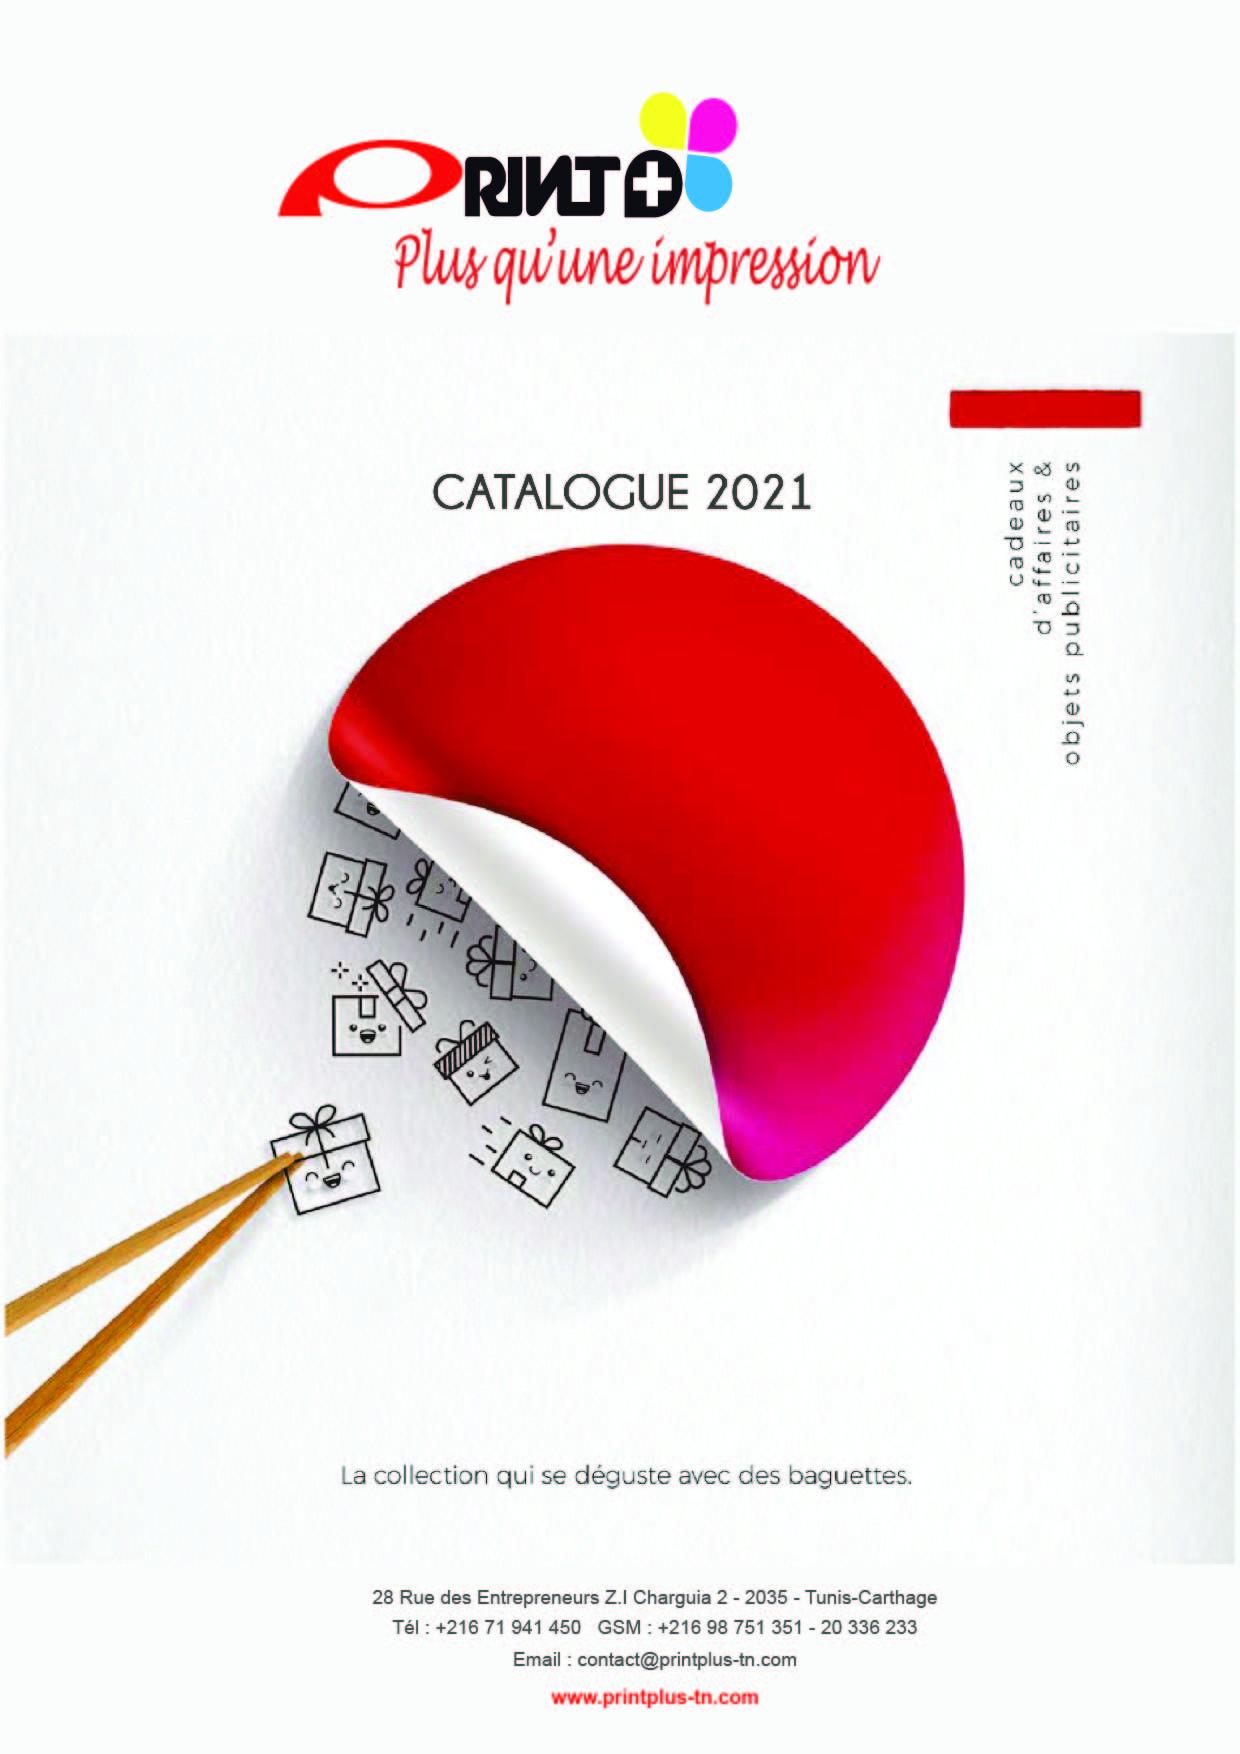 Catalogue 2021 Articles Publicitaires & Cadeaux PrintPlus